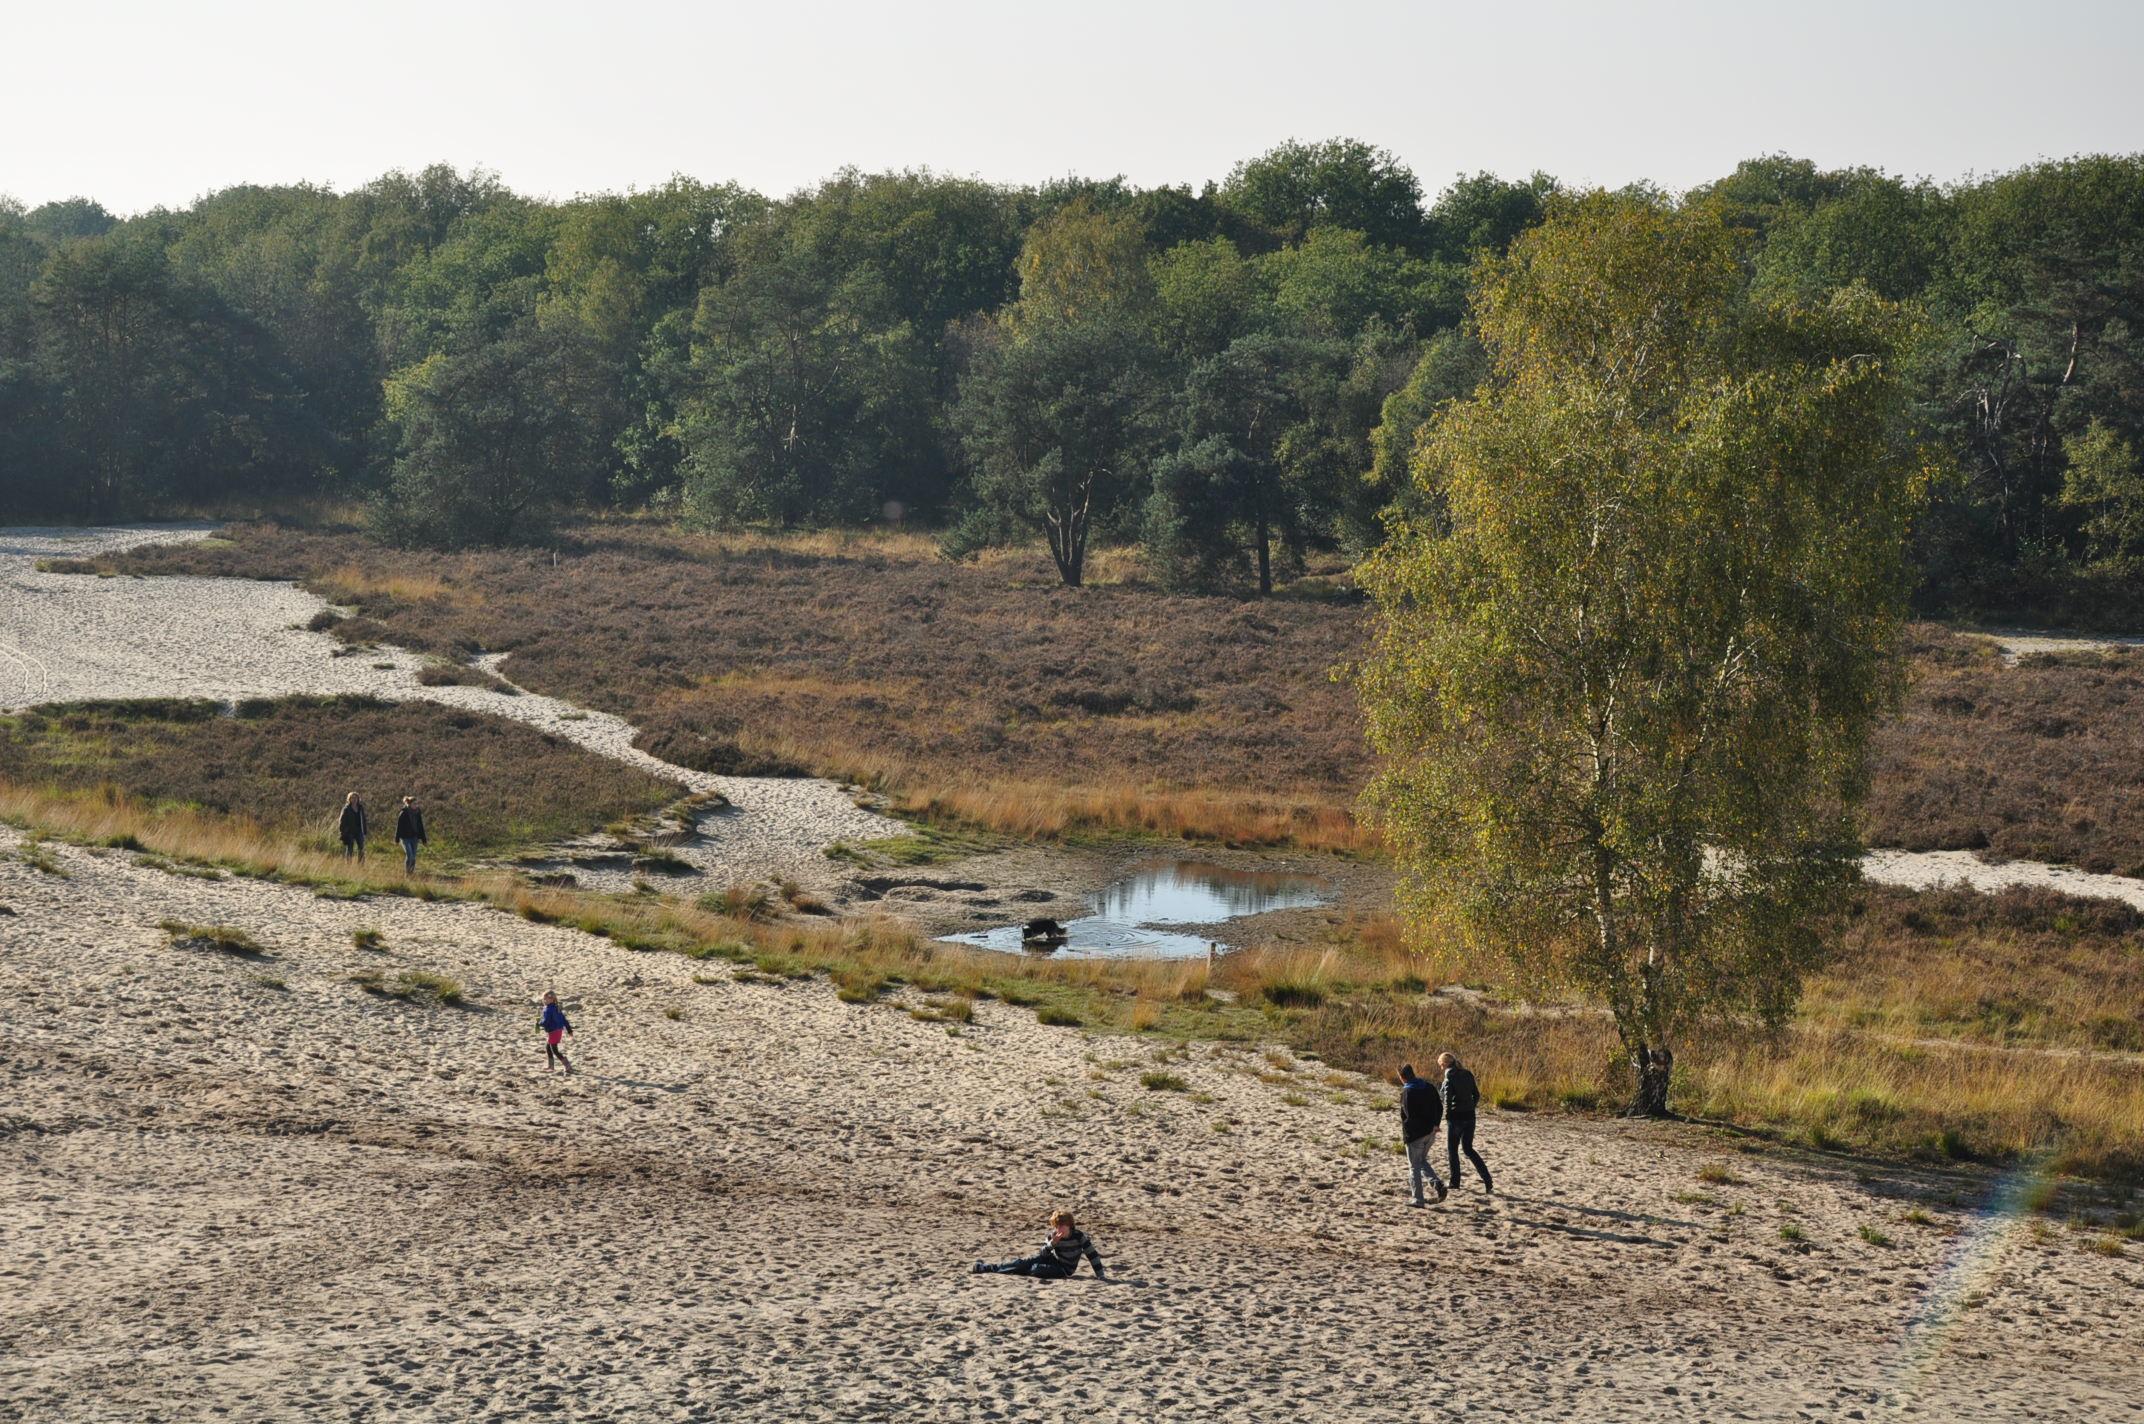 Bestand:Netherlands, Uden, Bedafse Bergen (2).JPG - Wikipedia: nl.wikipedia.org/wiki/bestand:netherlands,_uden,_bedafse_bergen_(2...